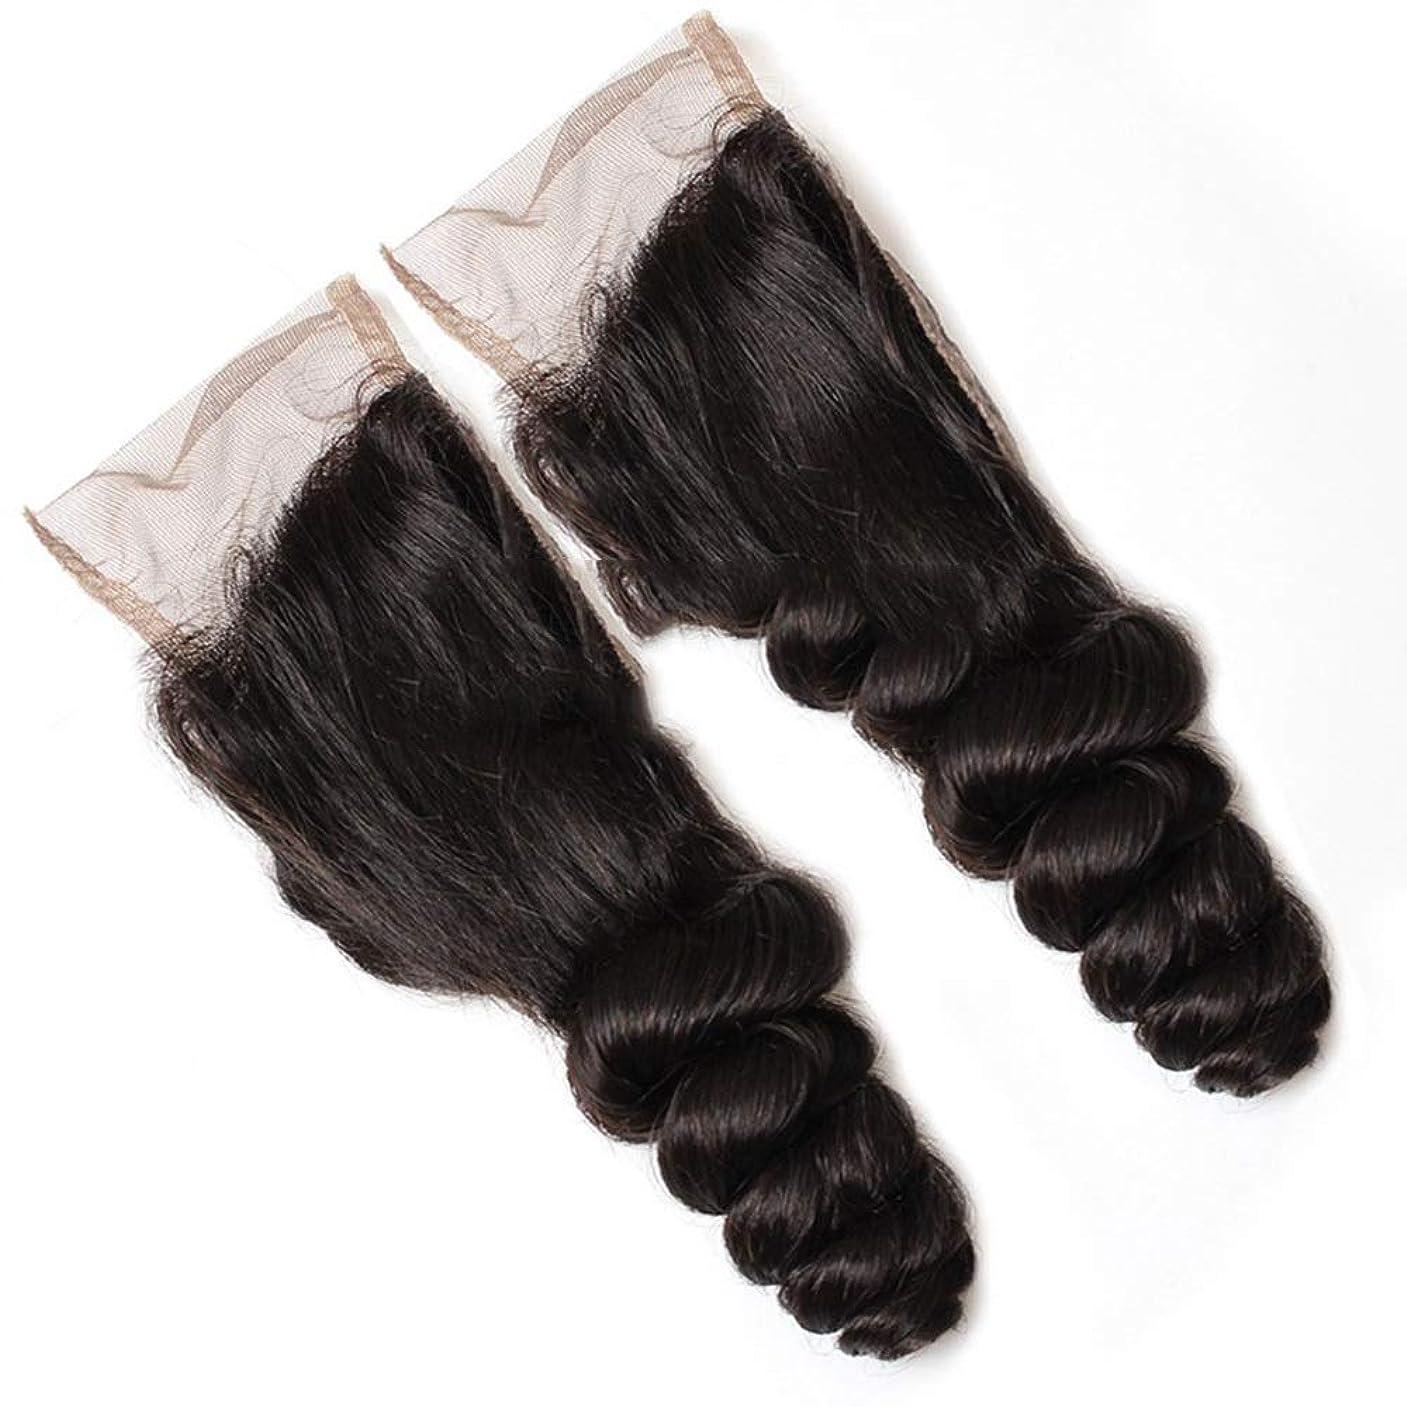 厄介なあご生き残りYrattary ブラジルの髪4×4フルレース閉鎖9Aルースウェーブ人毛エクステンションナチュラルブラック8